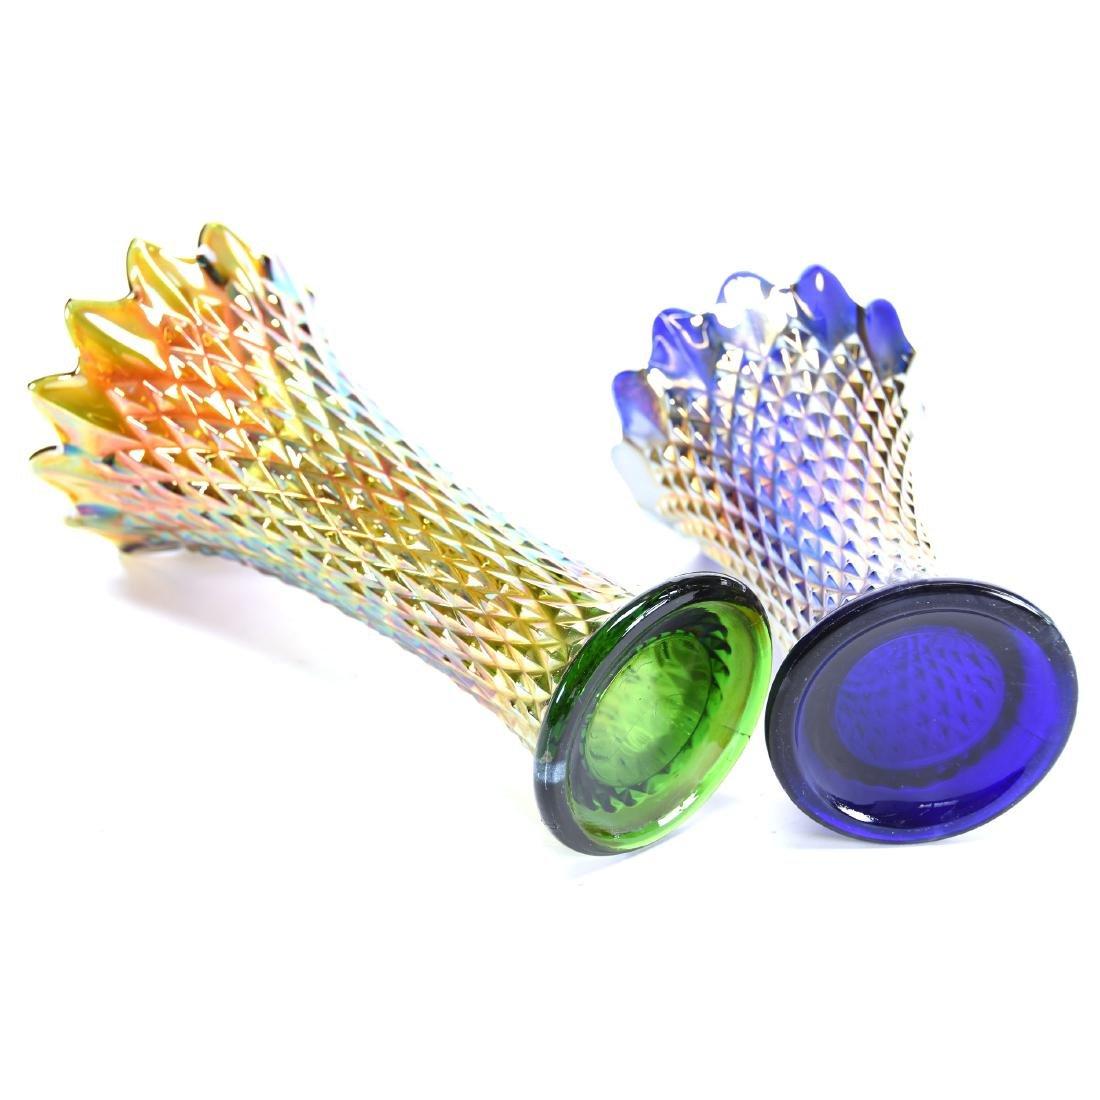 (2) Carnival Glass Vases - 2